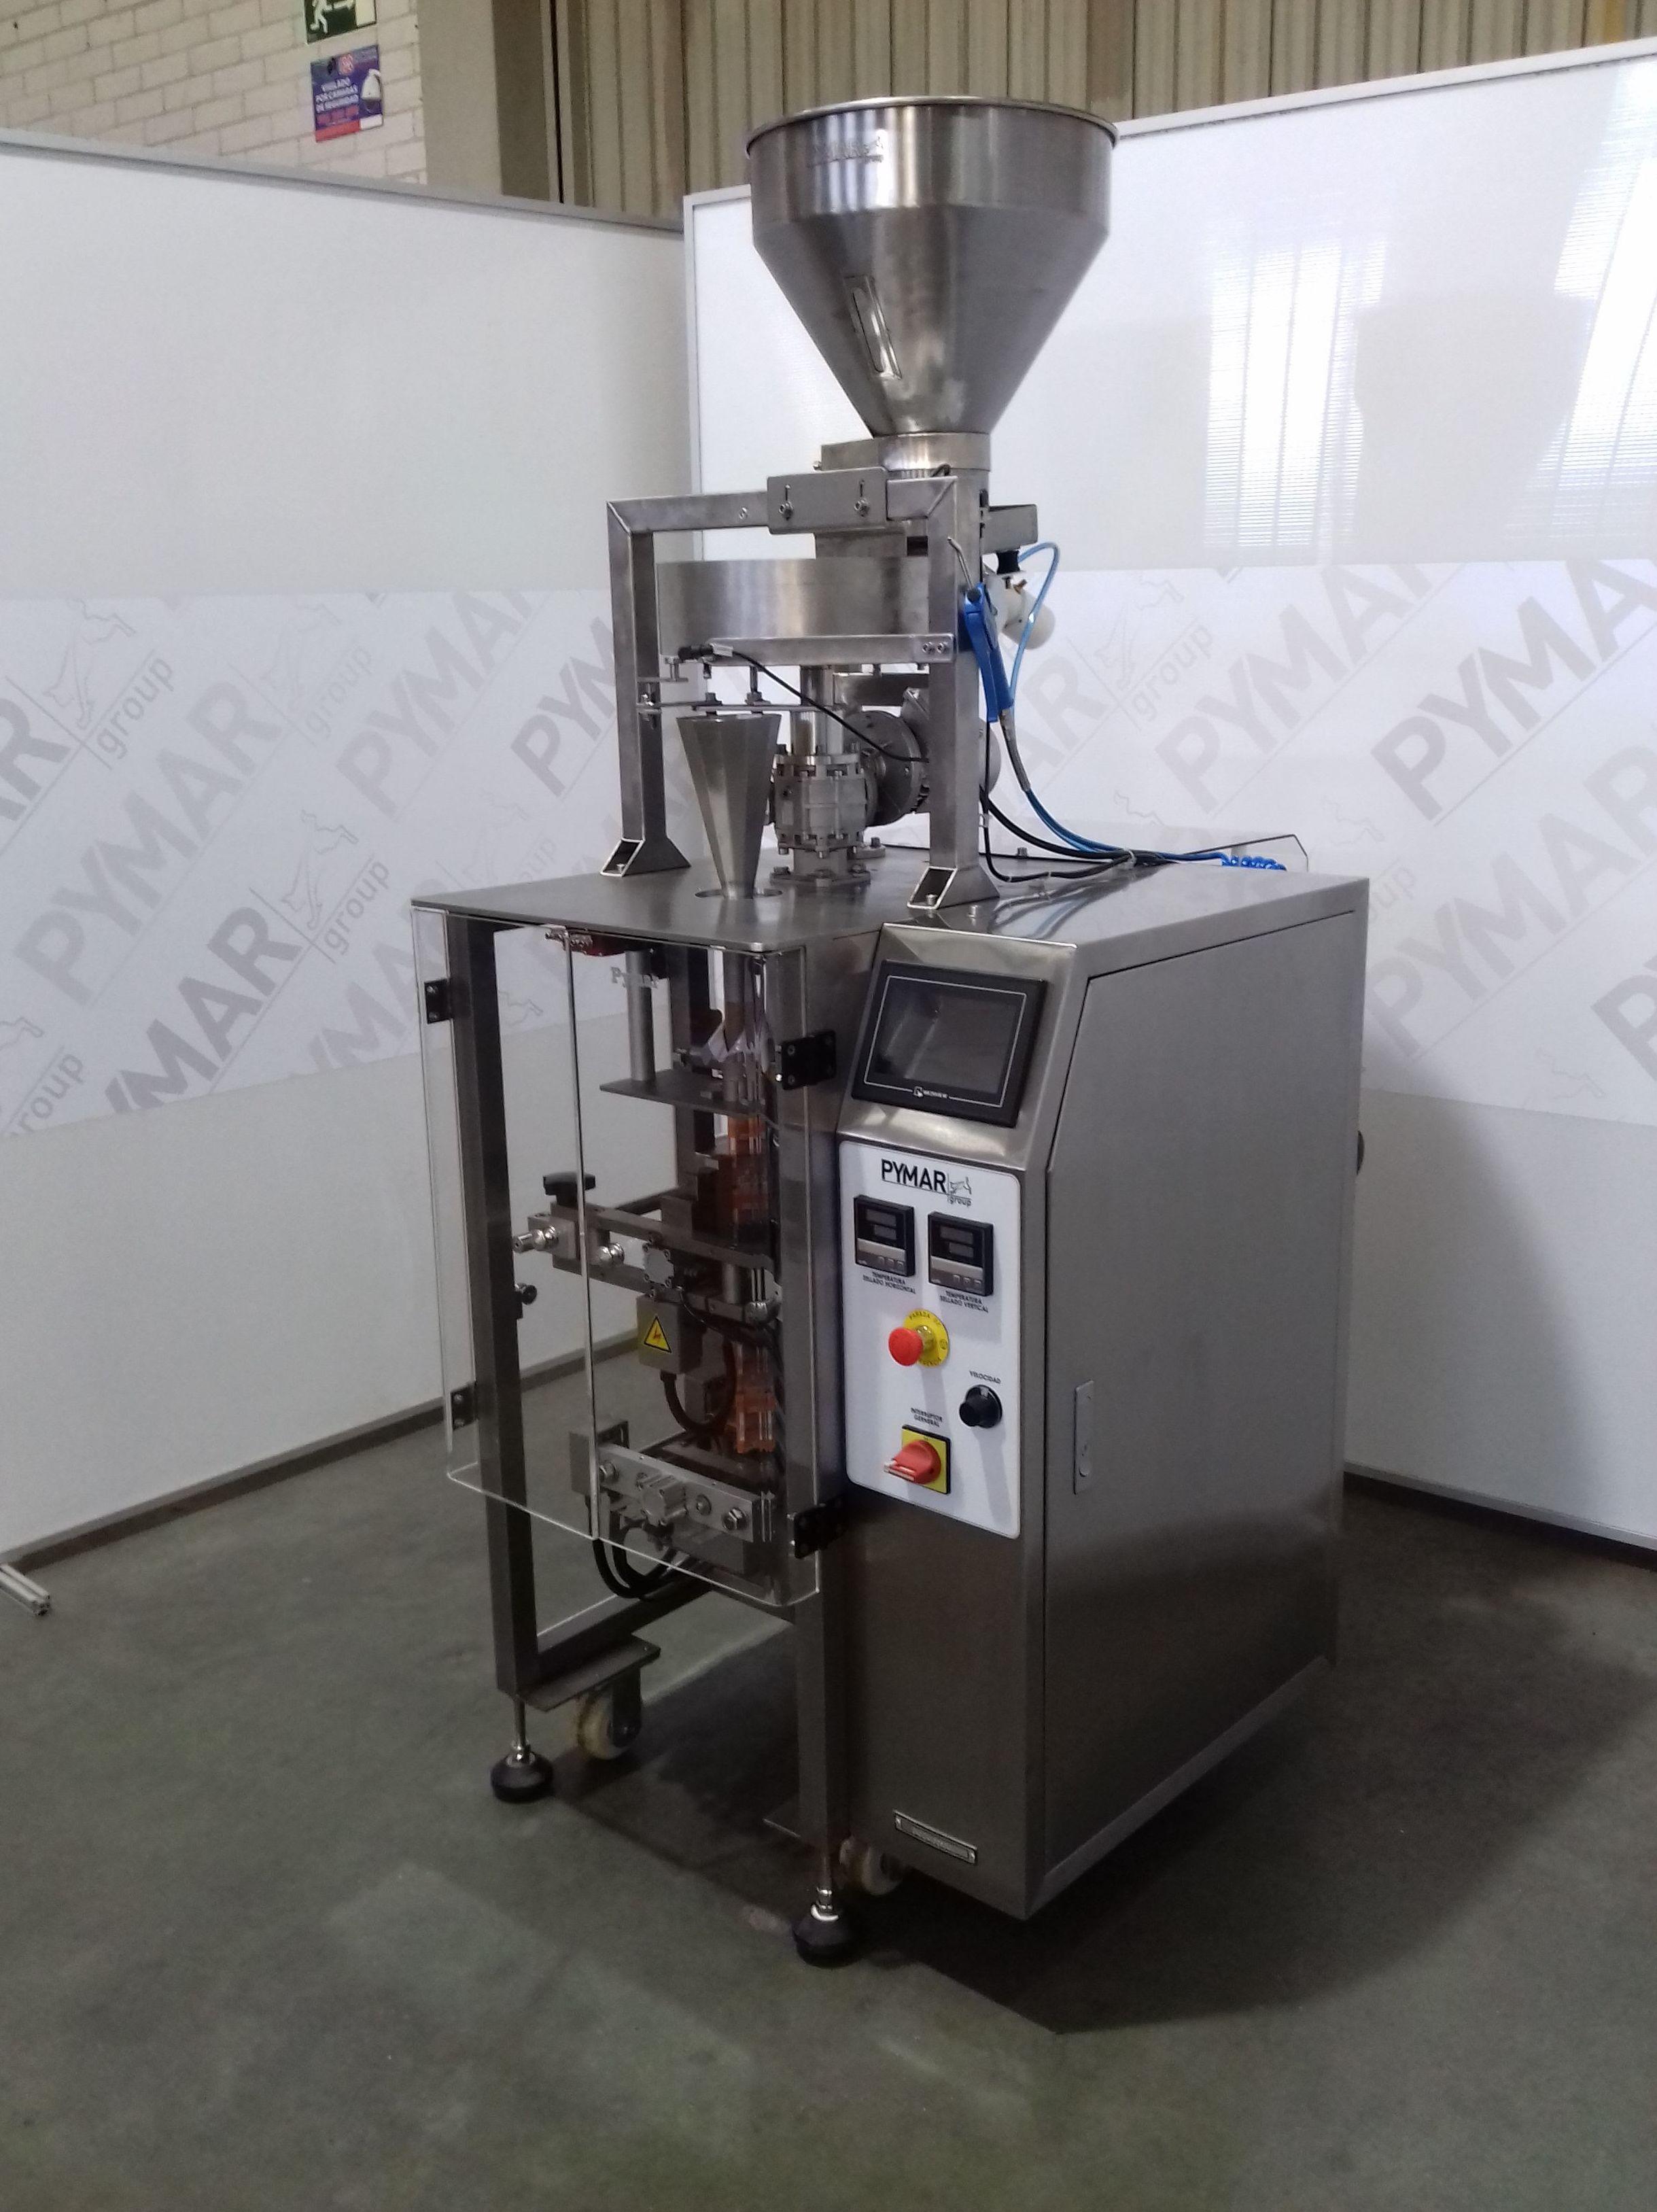 Envasadora automática vertical: Catálogo de Maquinaria de Pymar